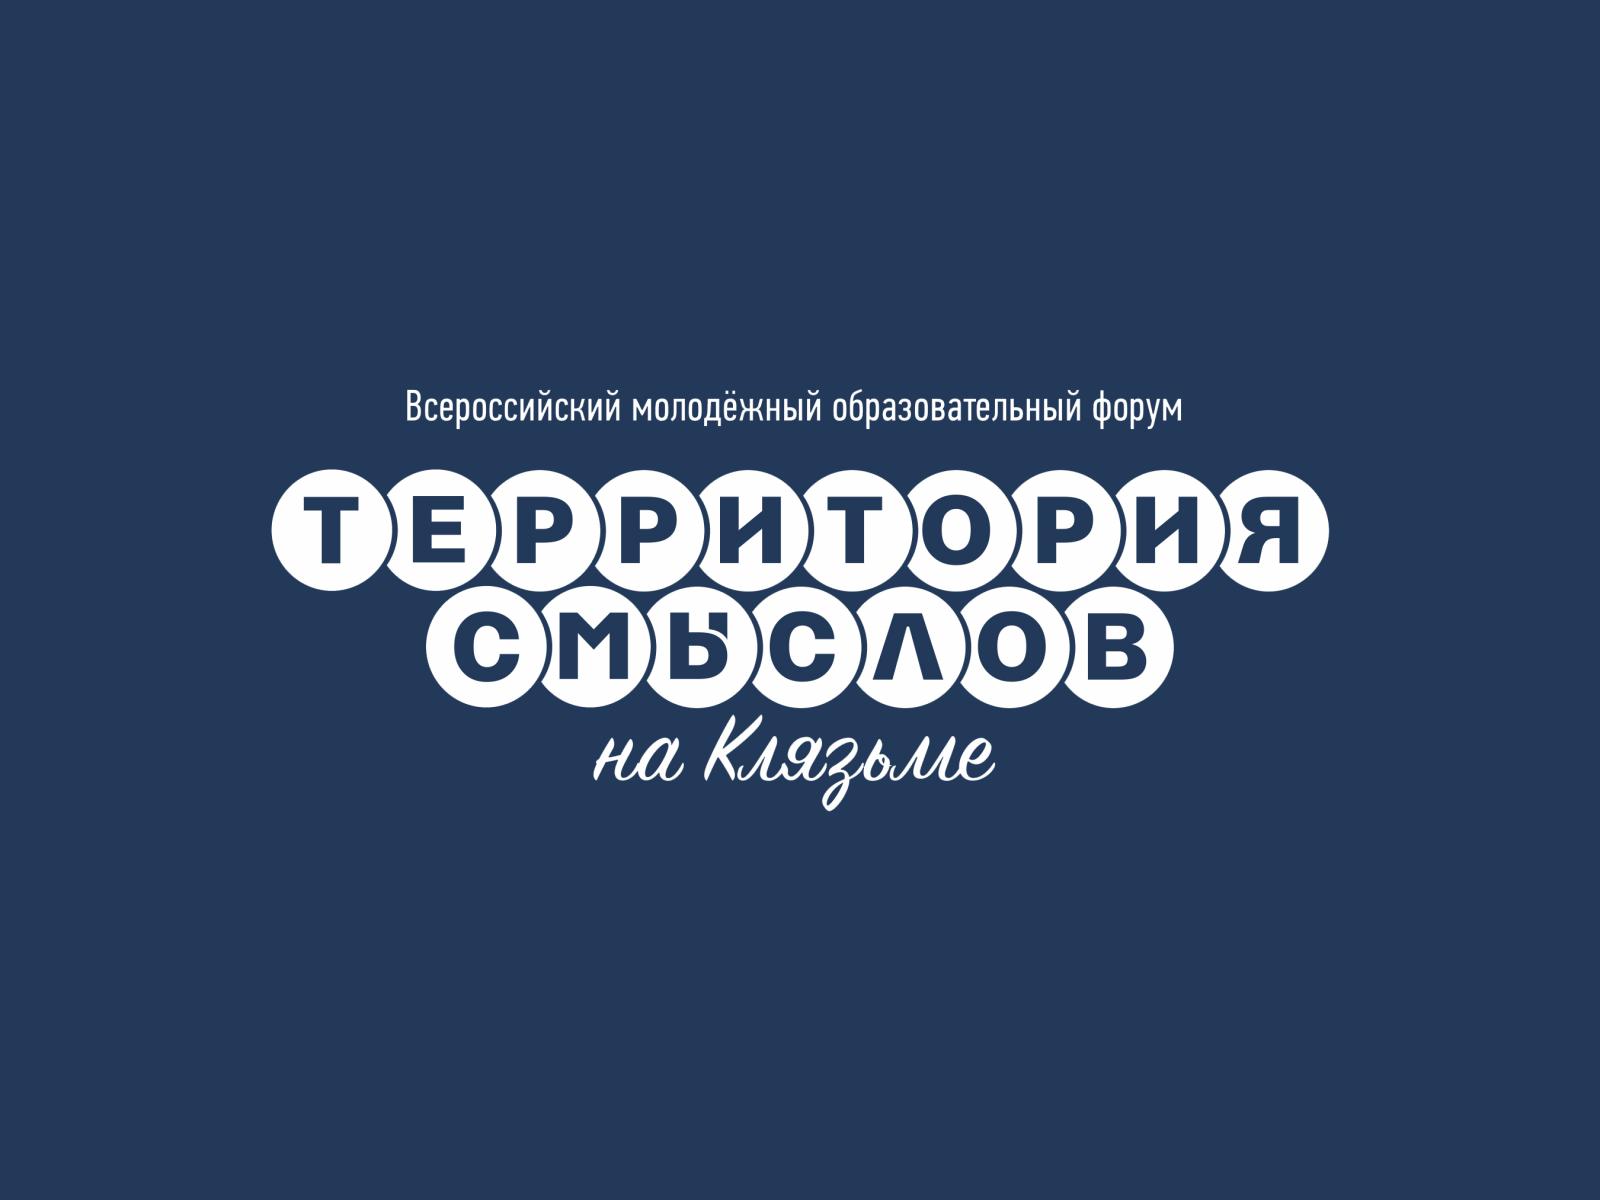 Всероссийский молодёжный образовательный форум